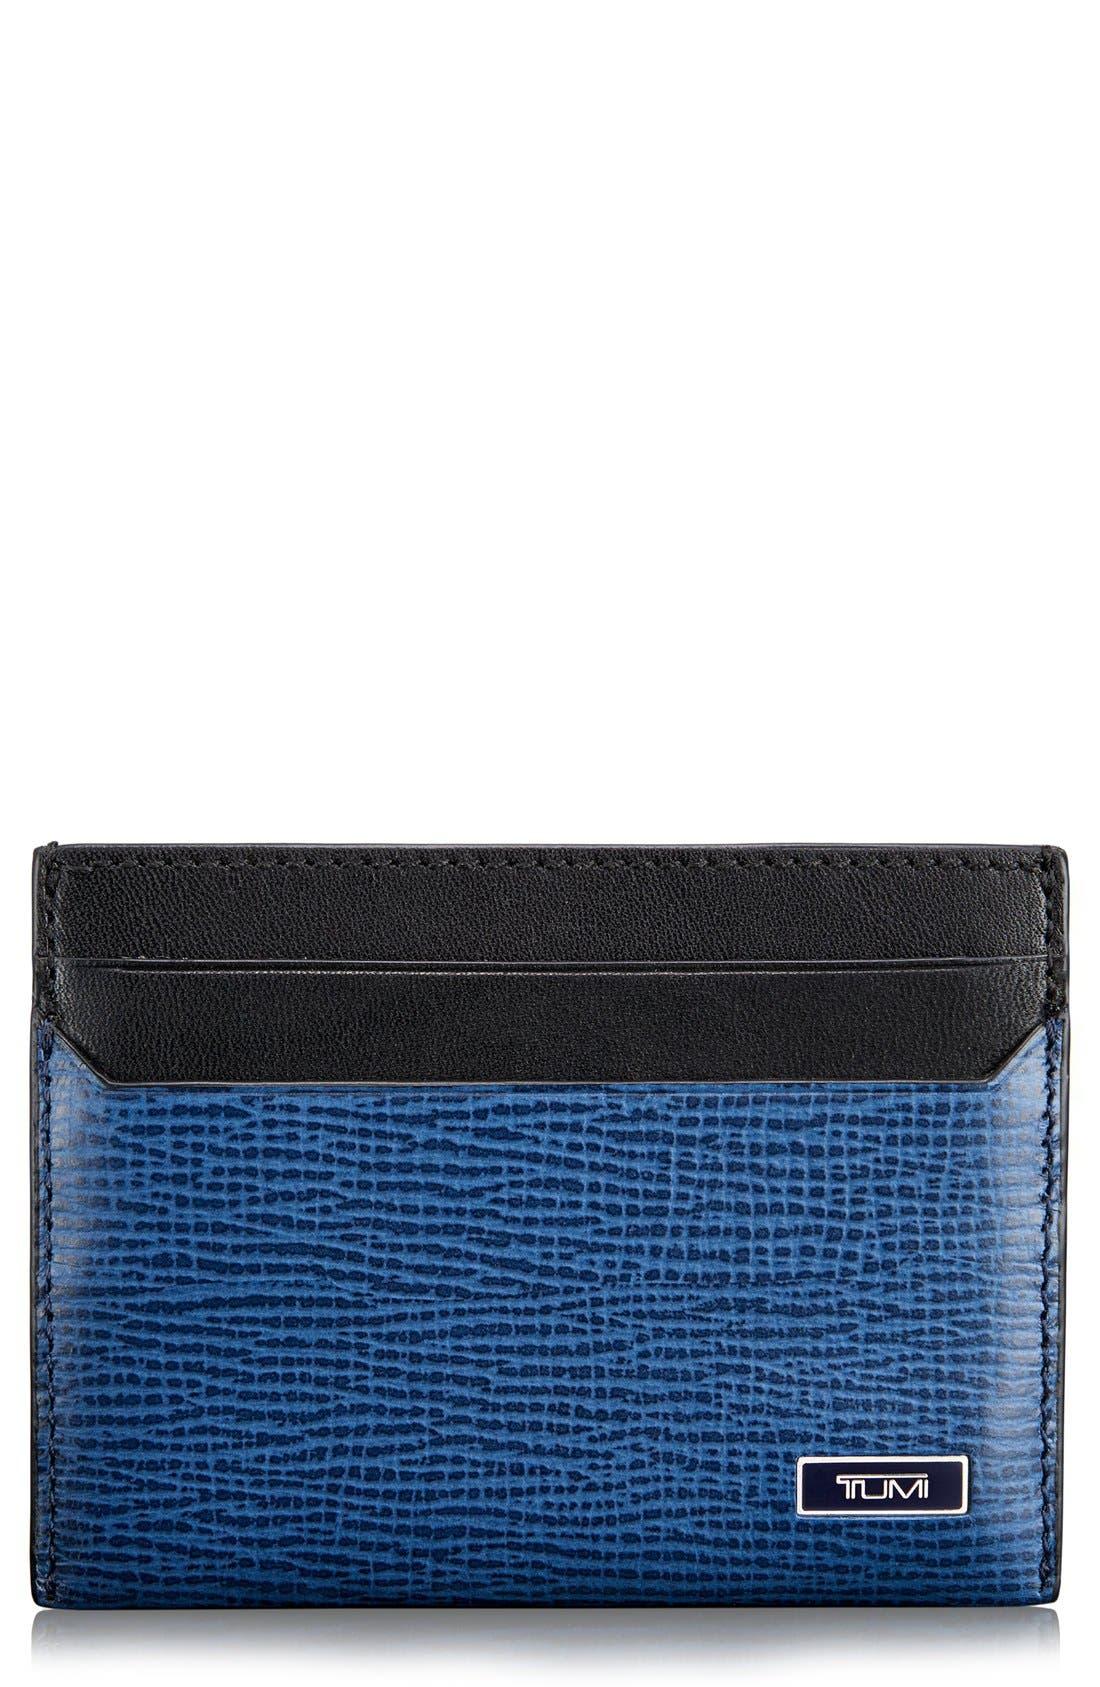 TUMI Monaco Slim Leather Card Case